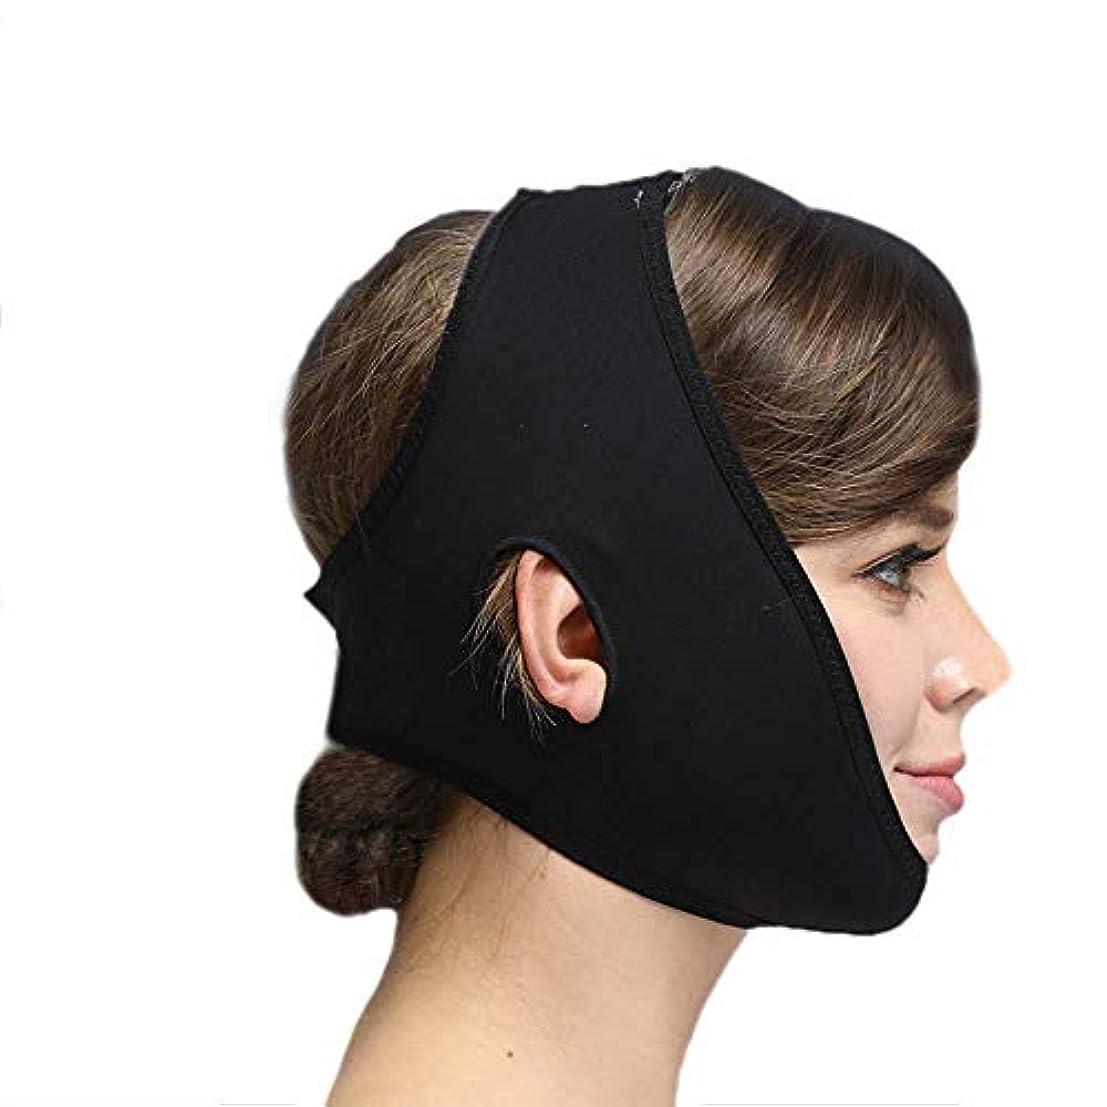 蓄積する誰も爆発物フェイススリミングマスク、快適さと通気性、フェイシャルリフティング、輪郭の改善された硬さ、ファーミングとリフティングフェイス(カラー:ブラック、サイズ:XL),ブラック2、S